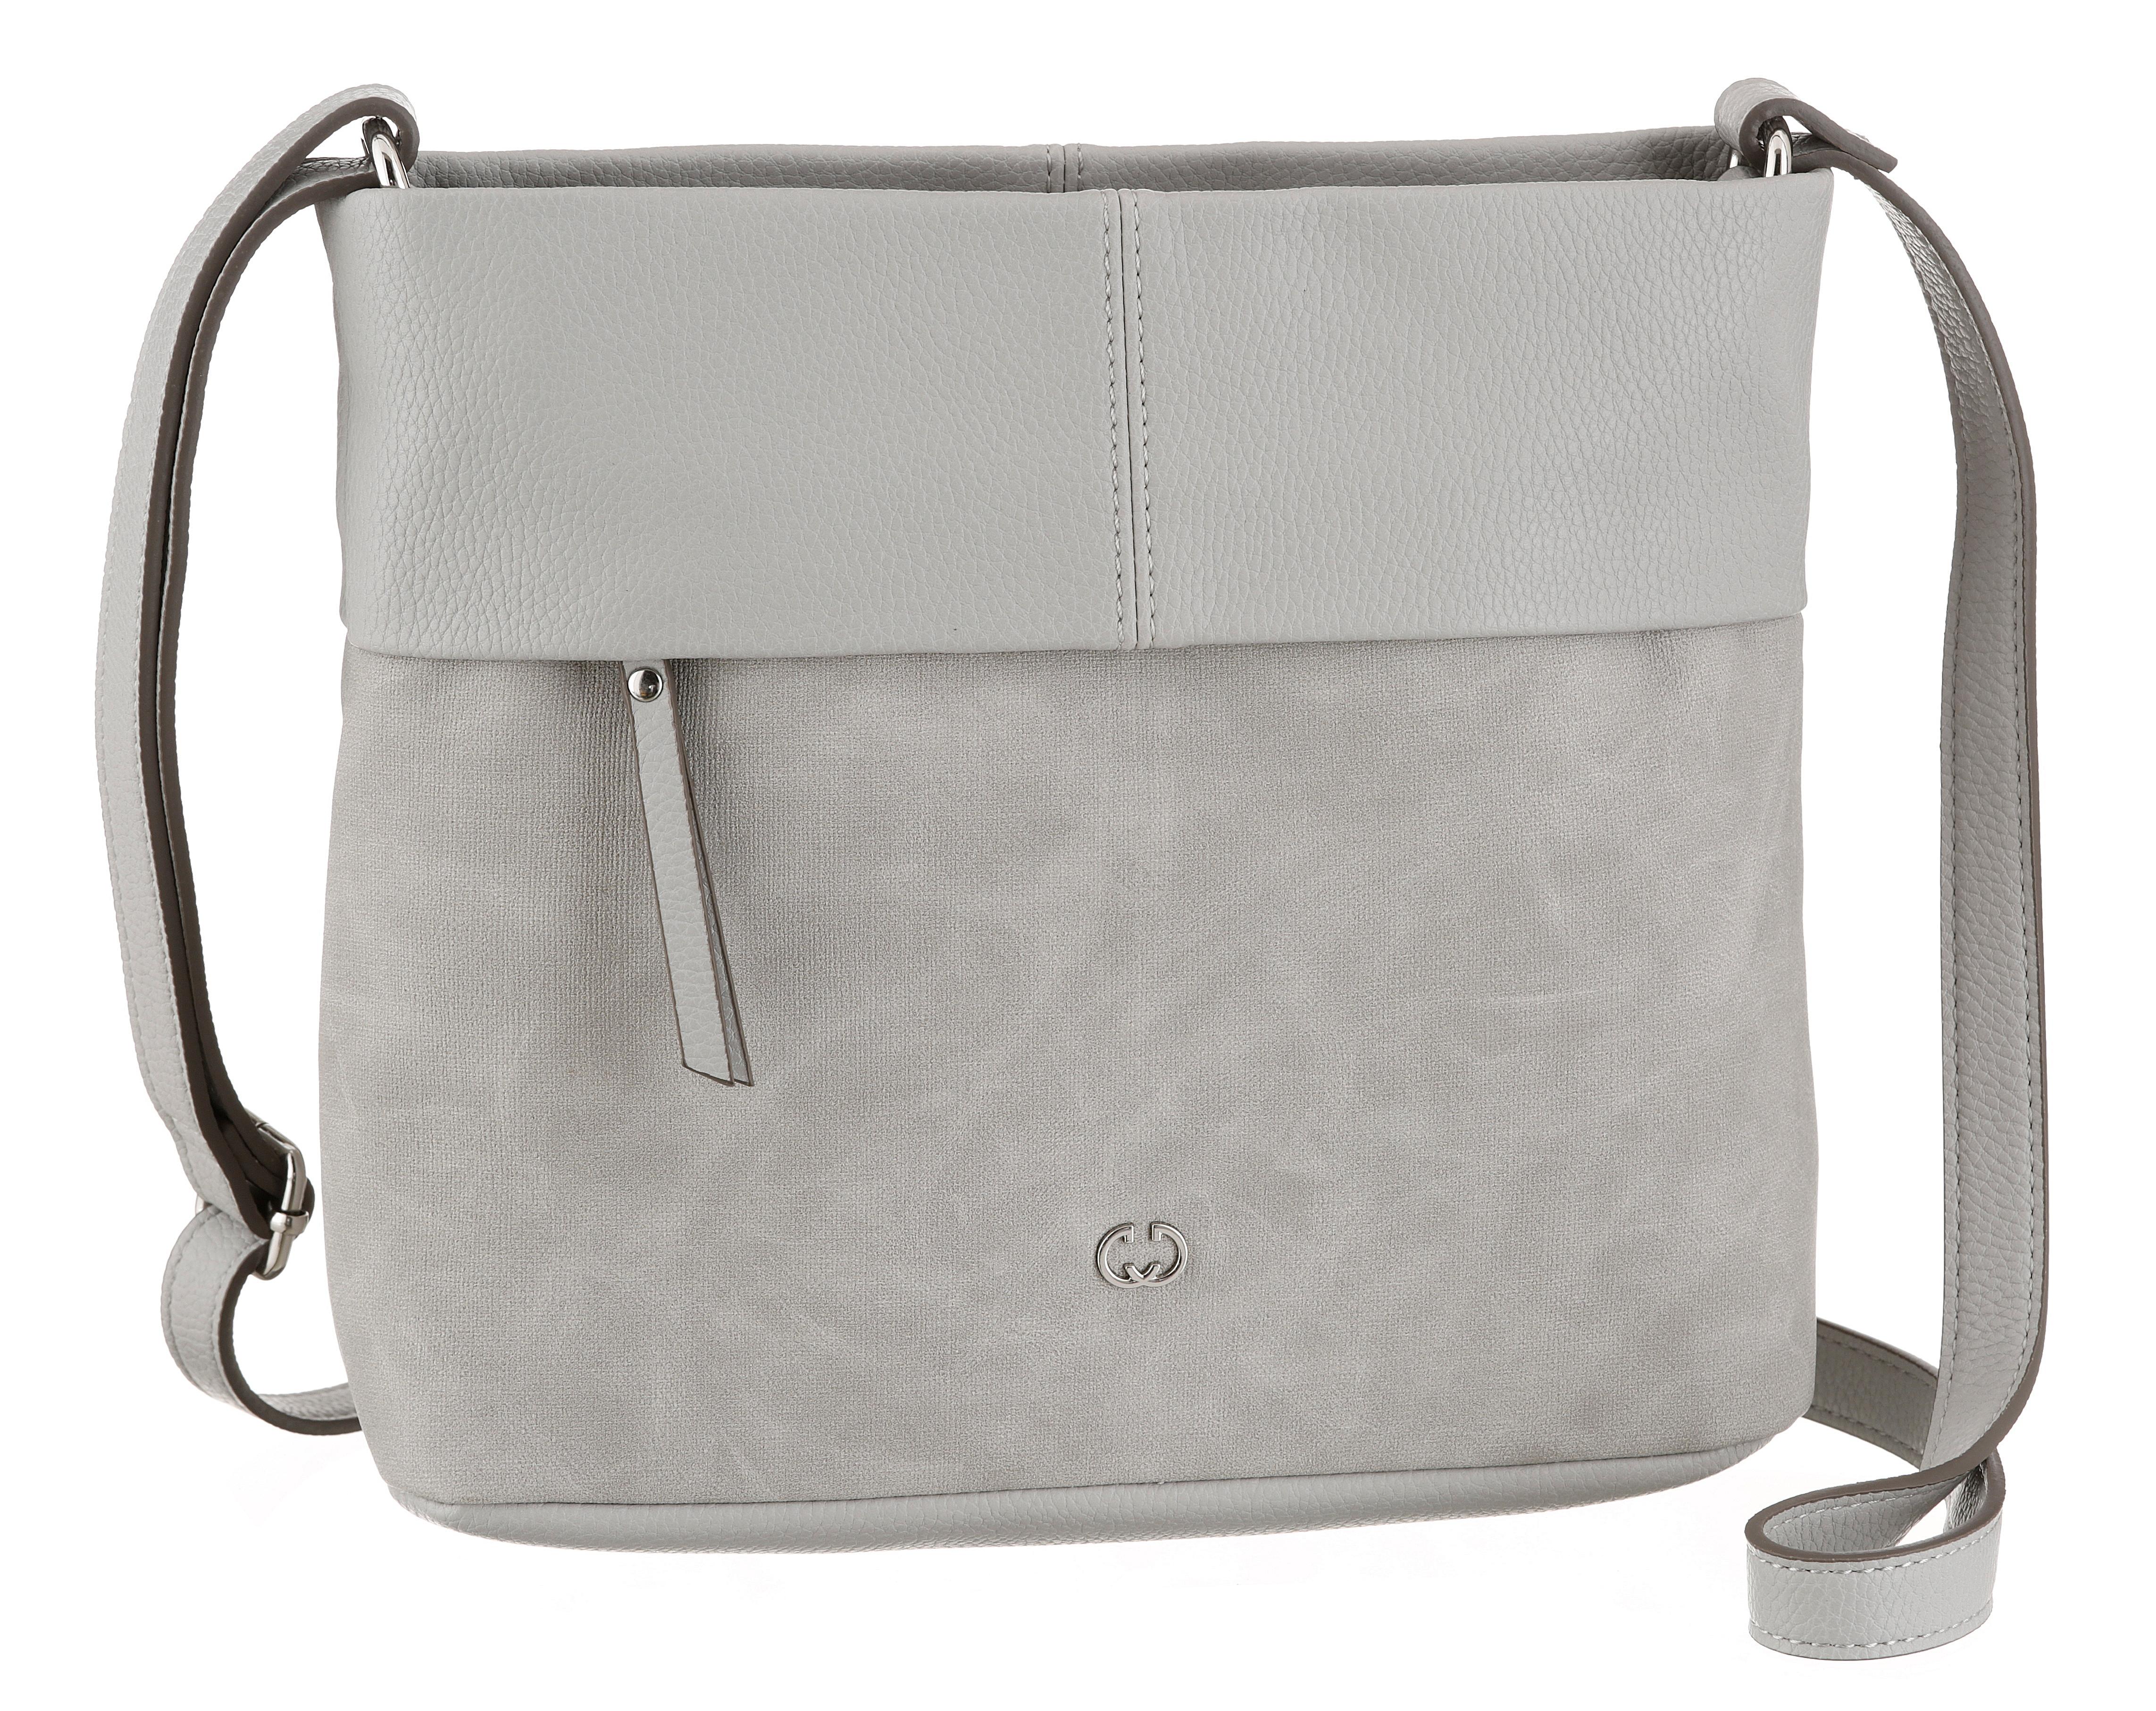 gerry weber bags -  Umhängetasche keep in mind shoulderbag mhz, mit Reißverschluss Vortasche